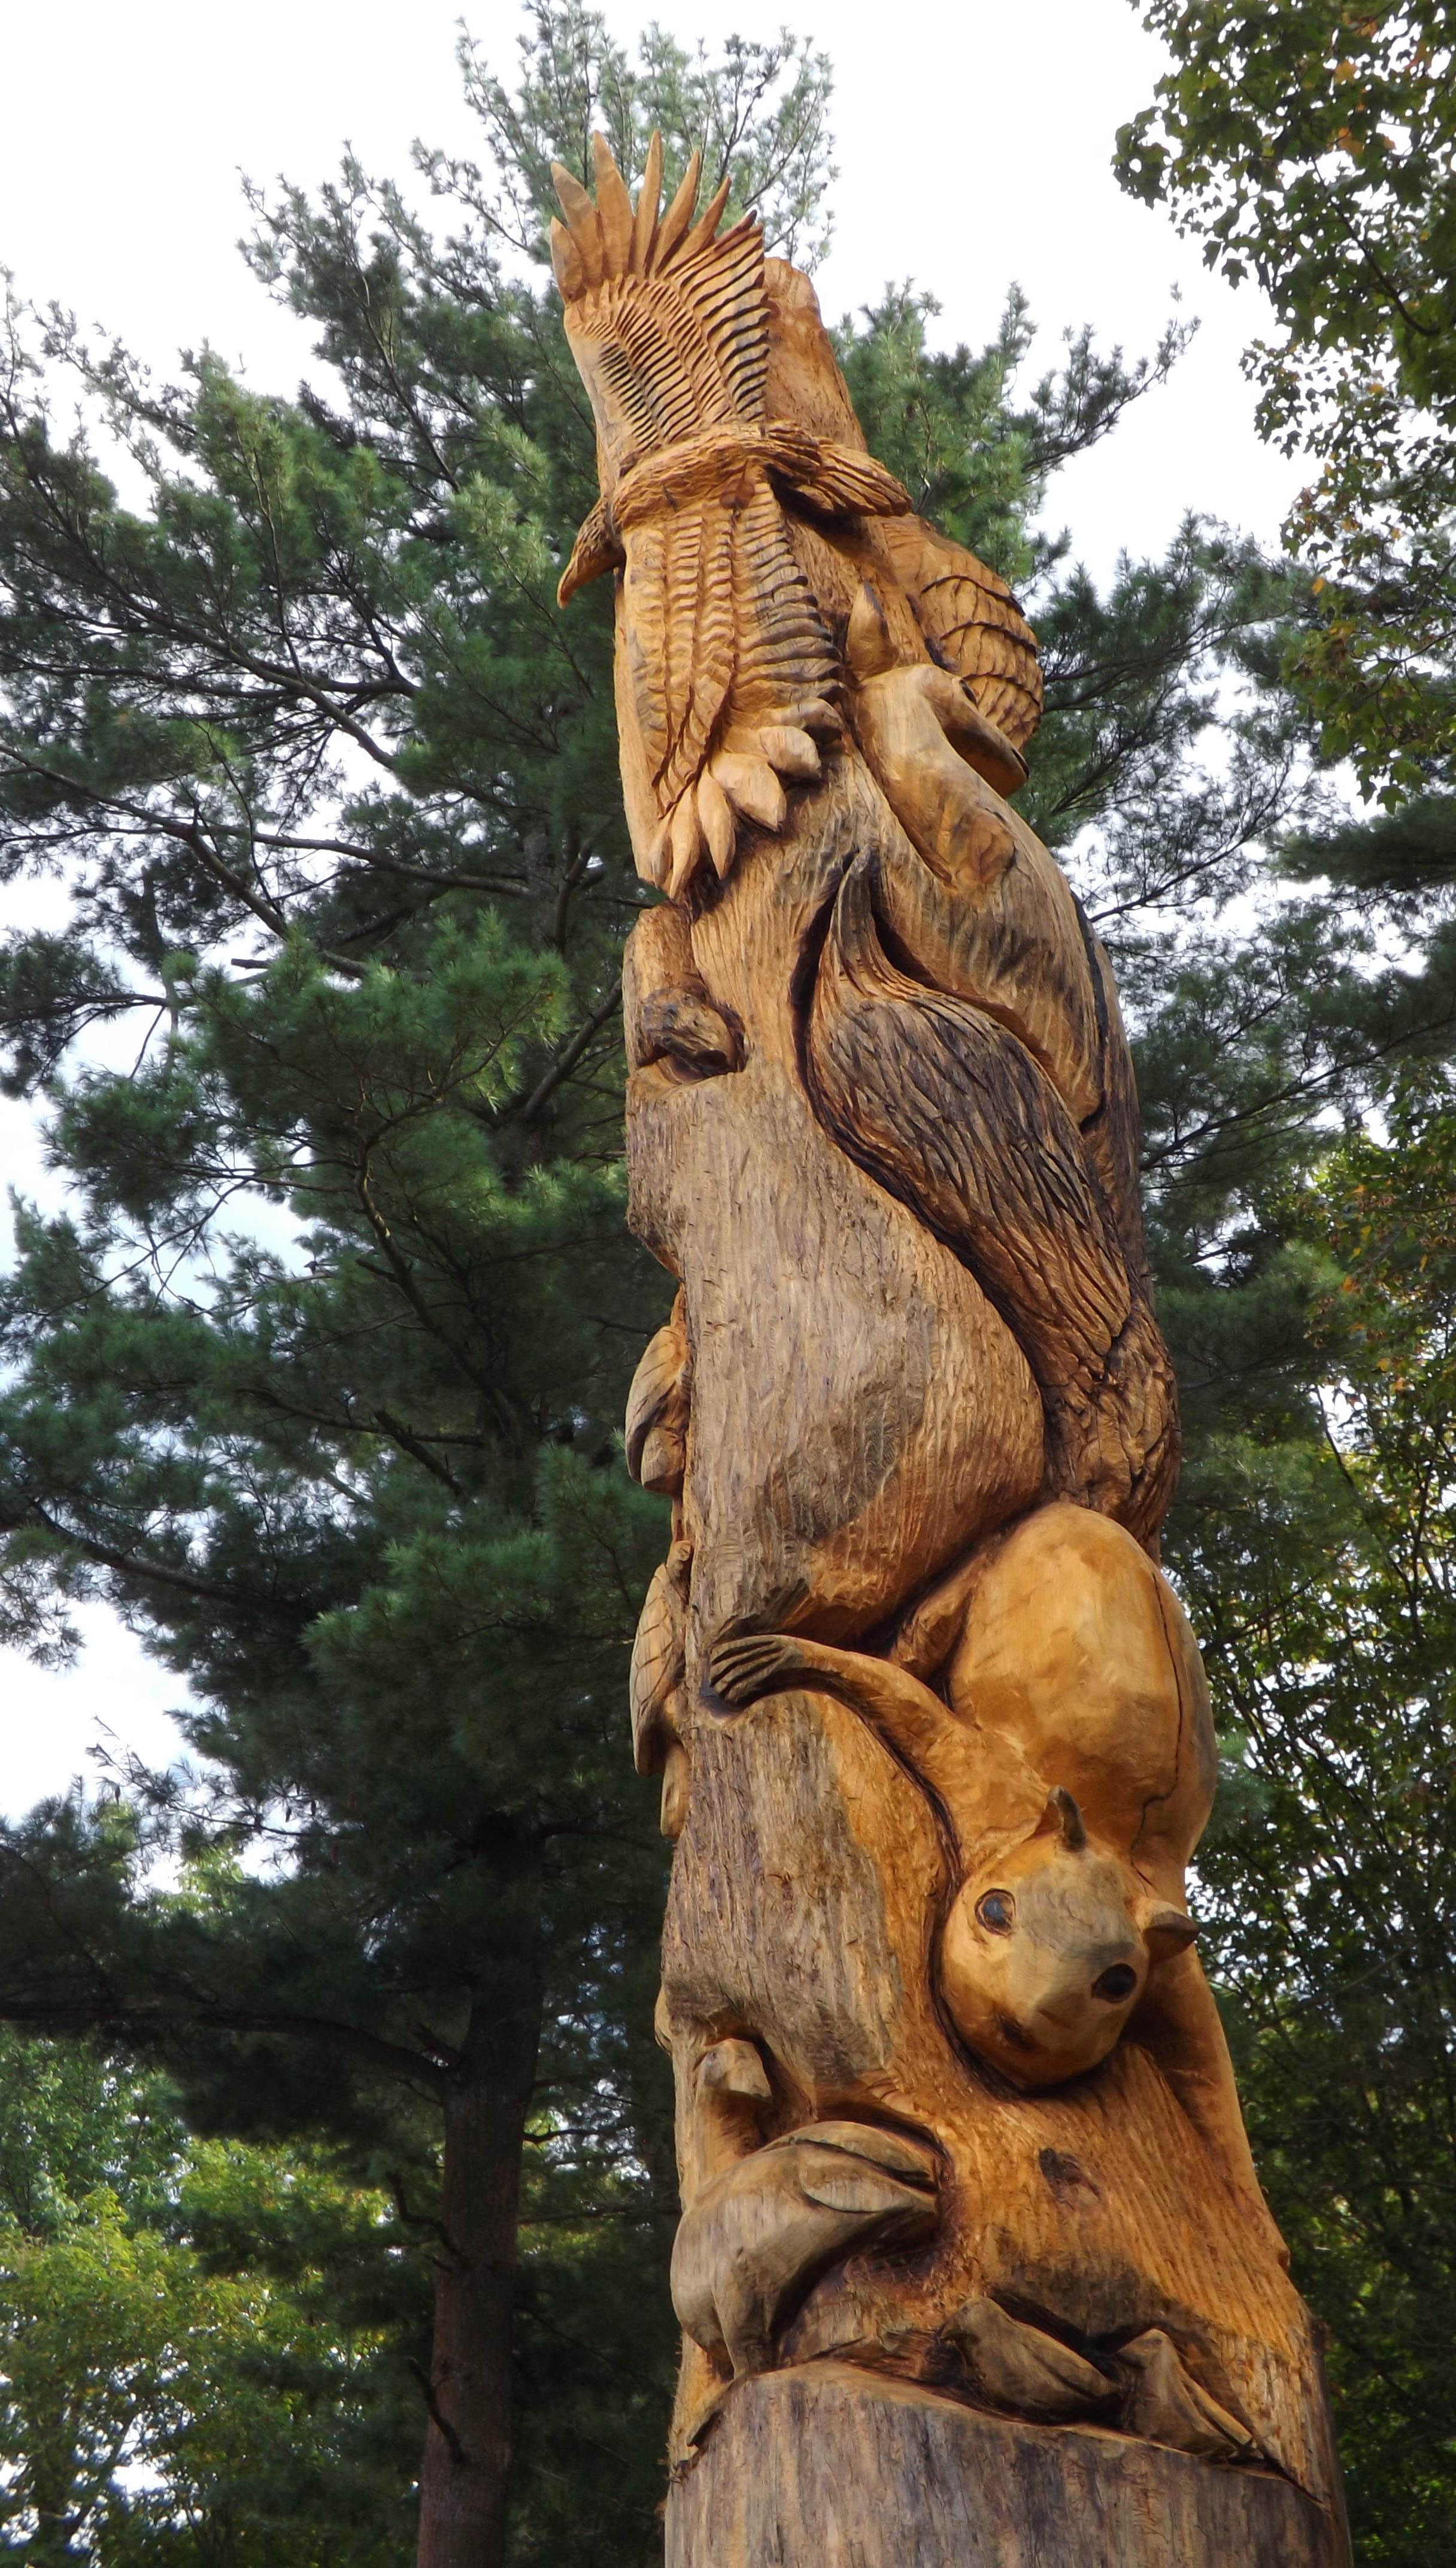 Odetah Camping Resort Native Animal Family Montage Tree